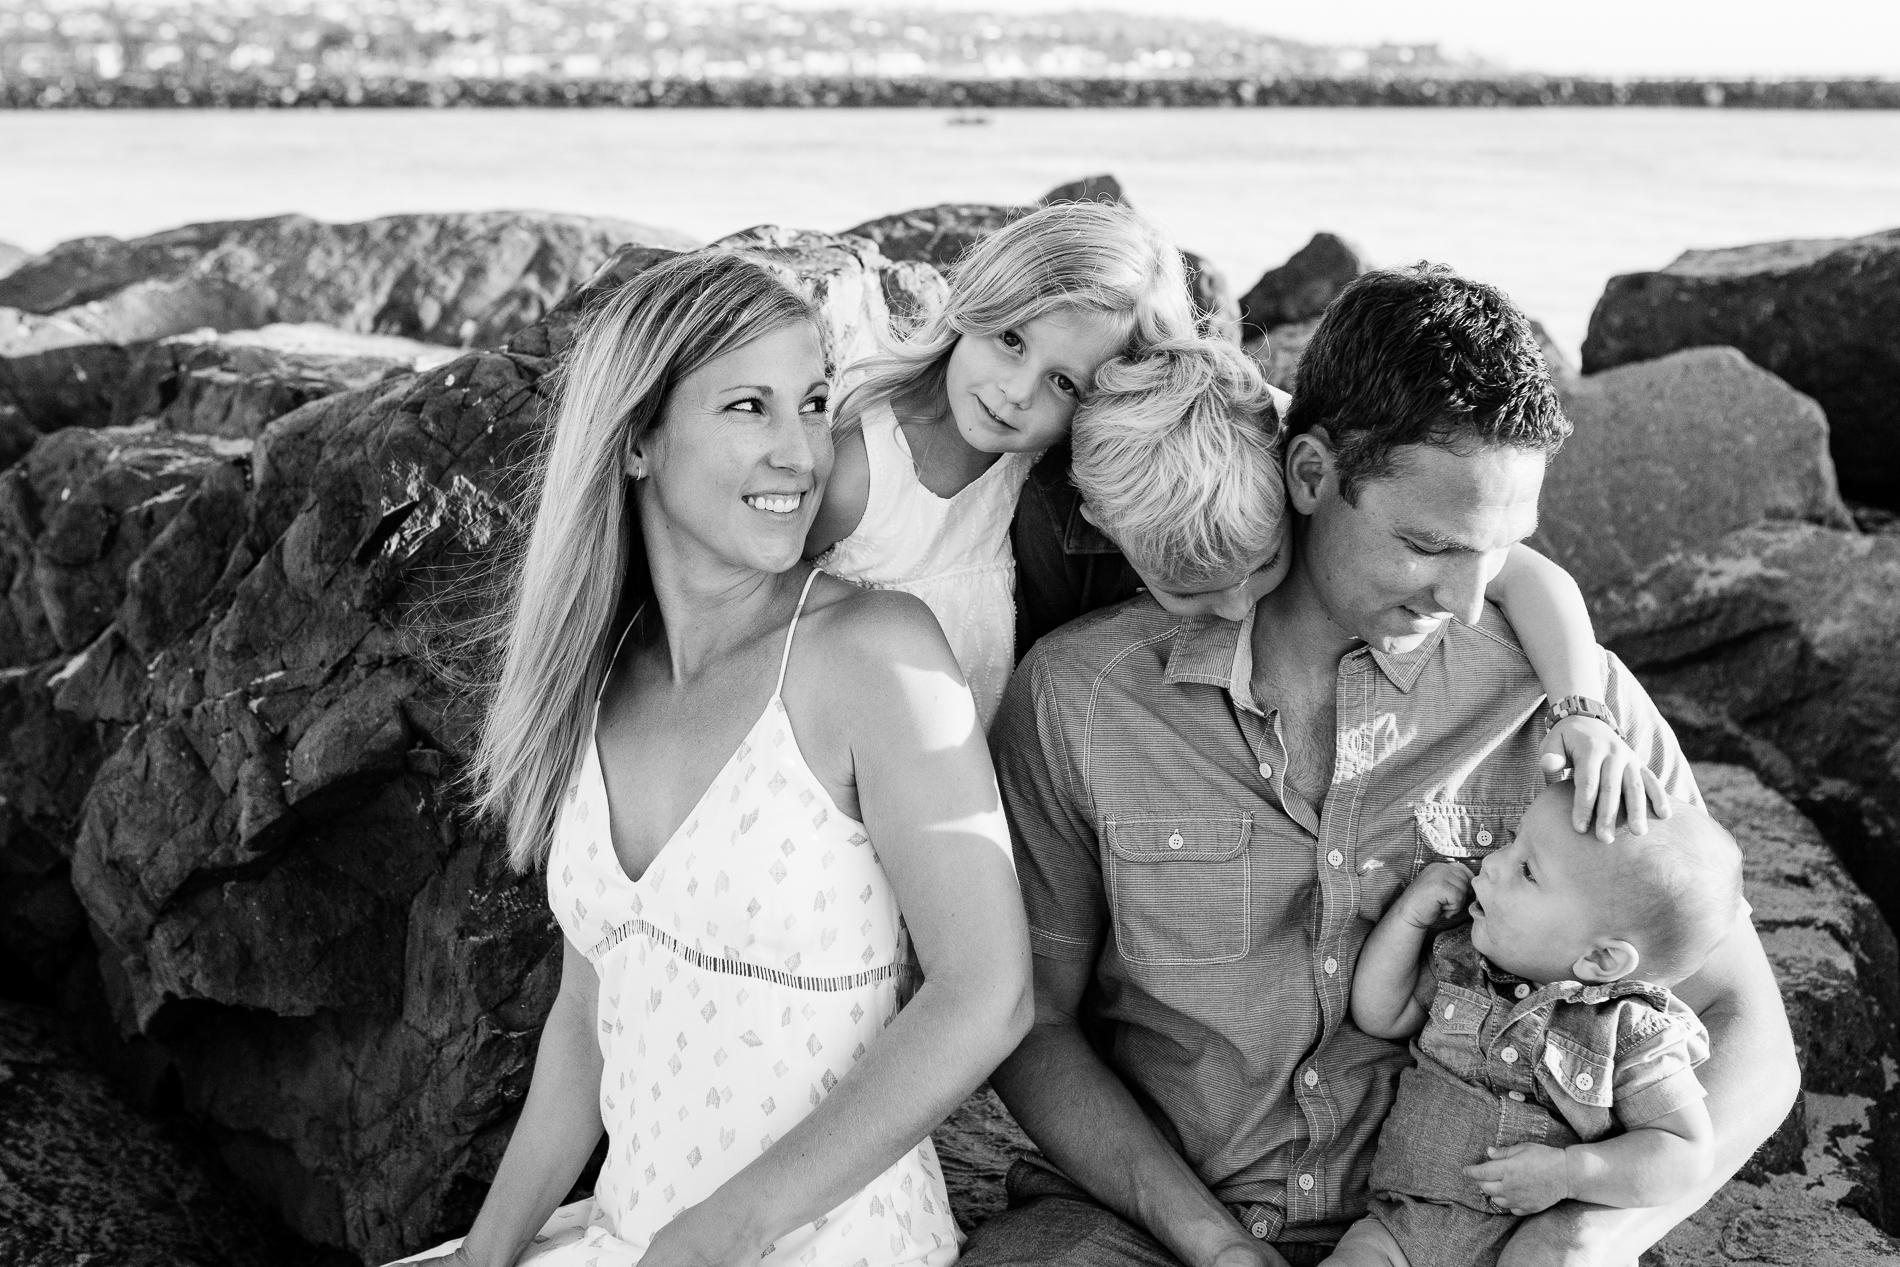 San Diego Family Photographer Christine Dammann Photography Beach Family Photos WS-33.jpg